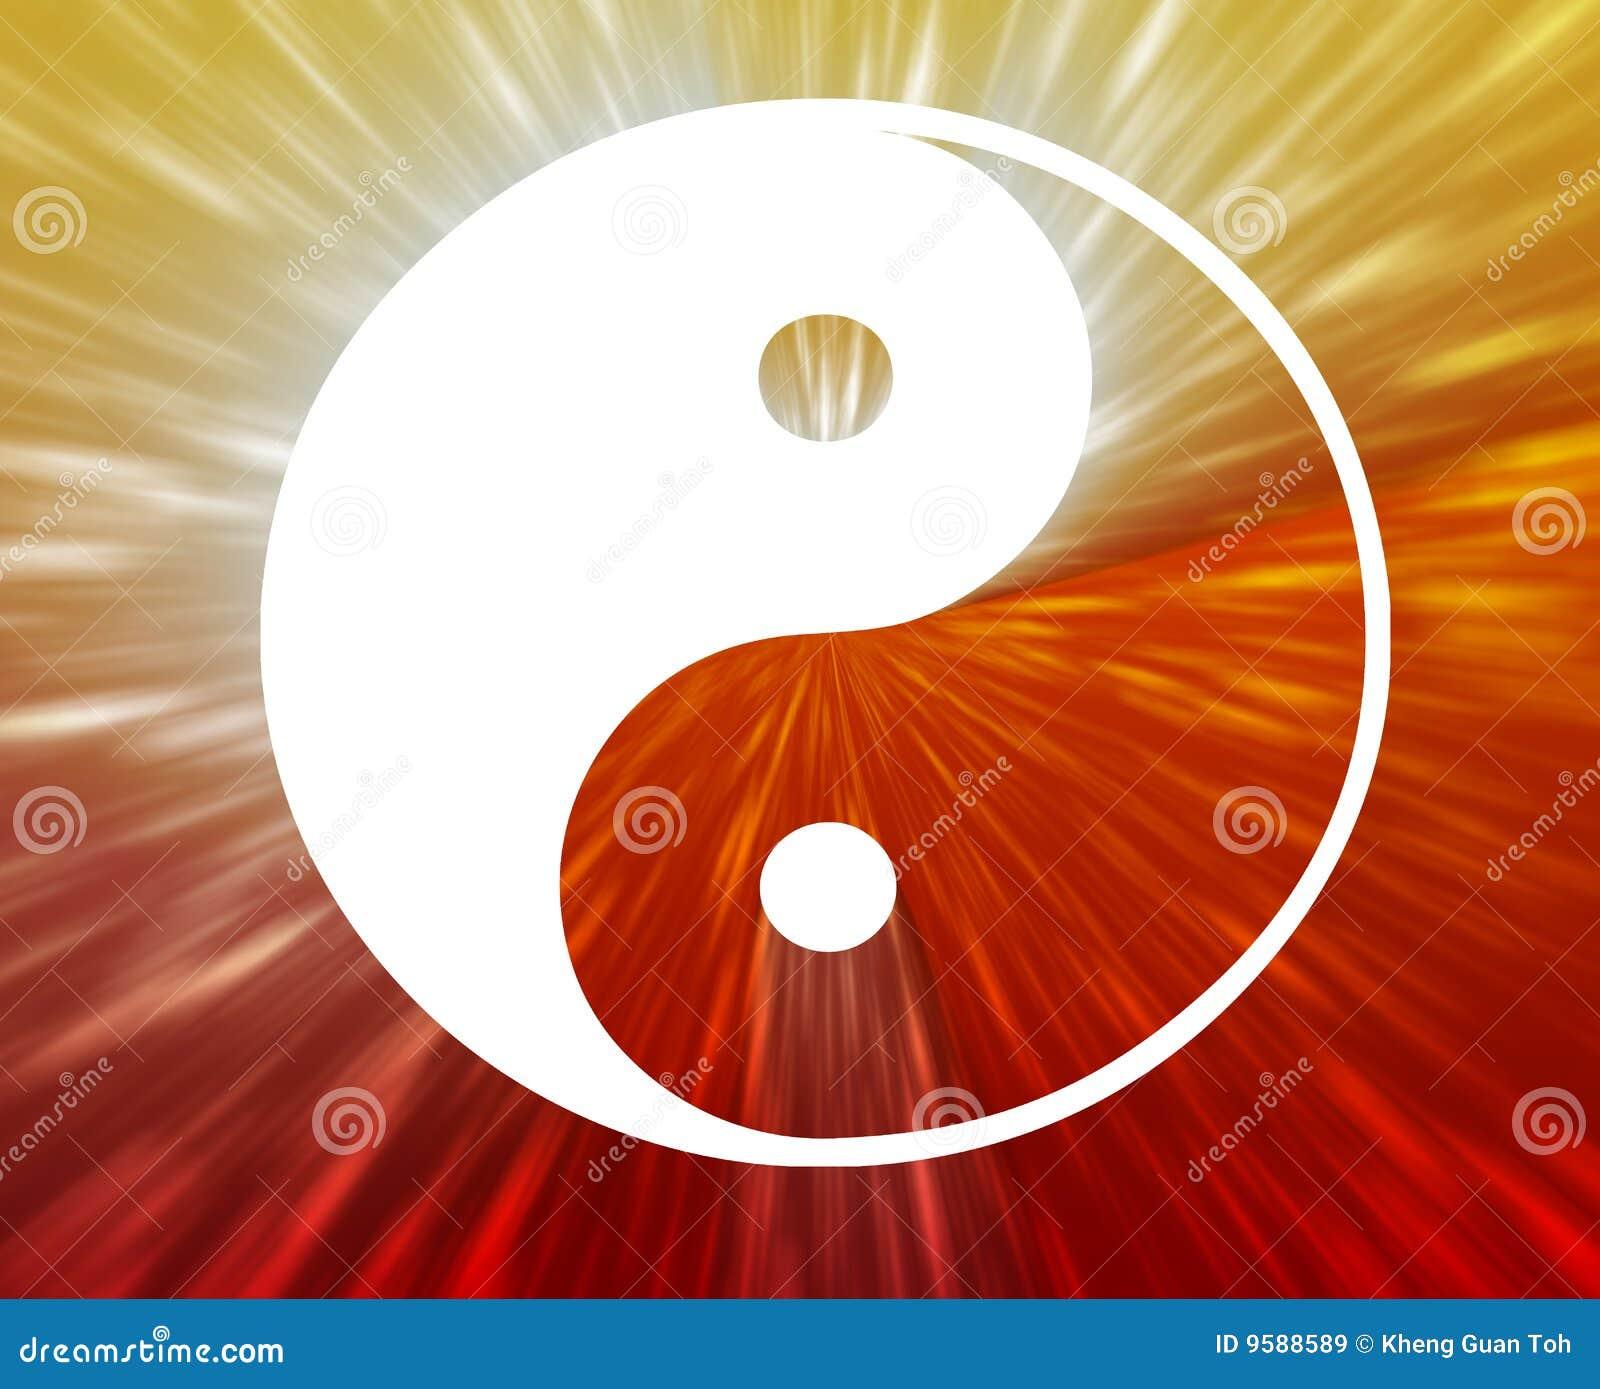 σύμβολο yang yin